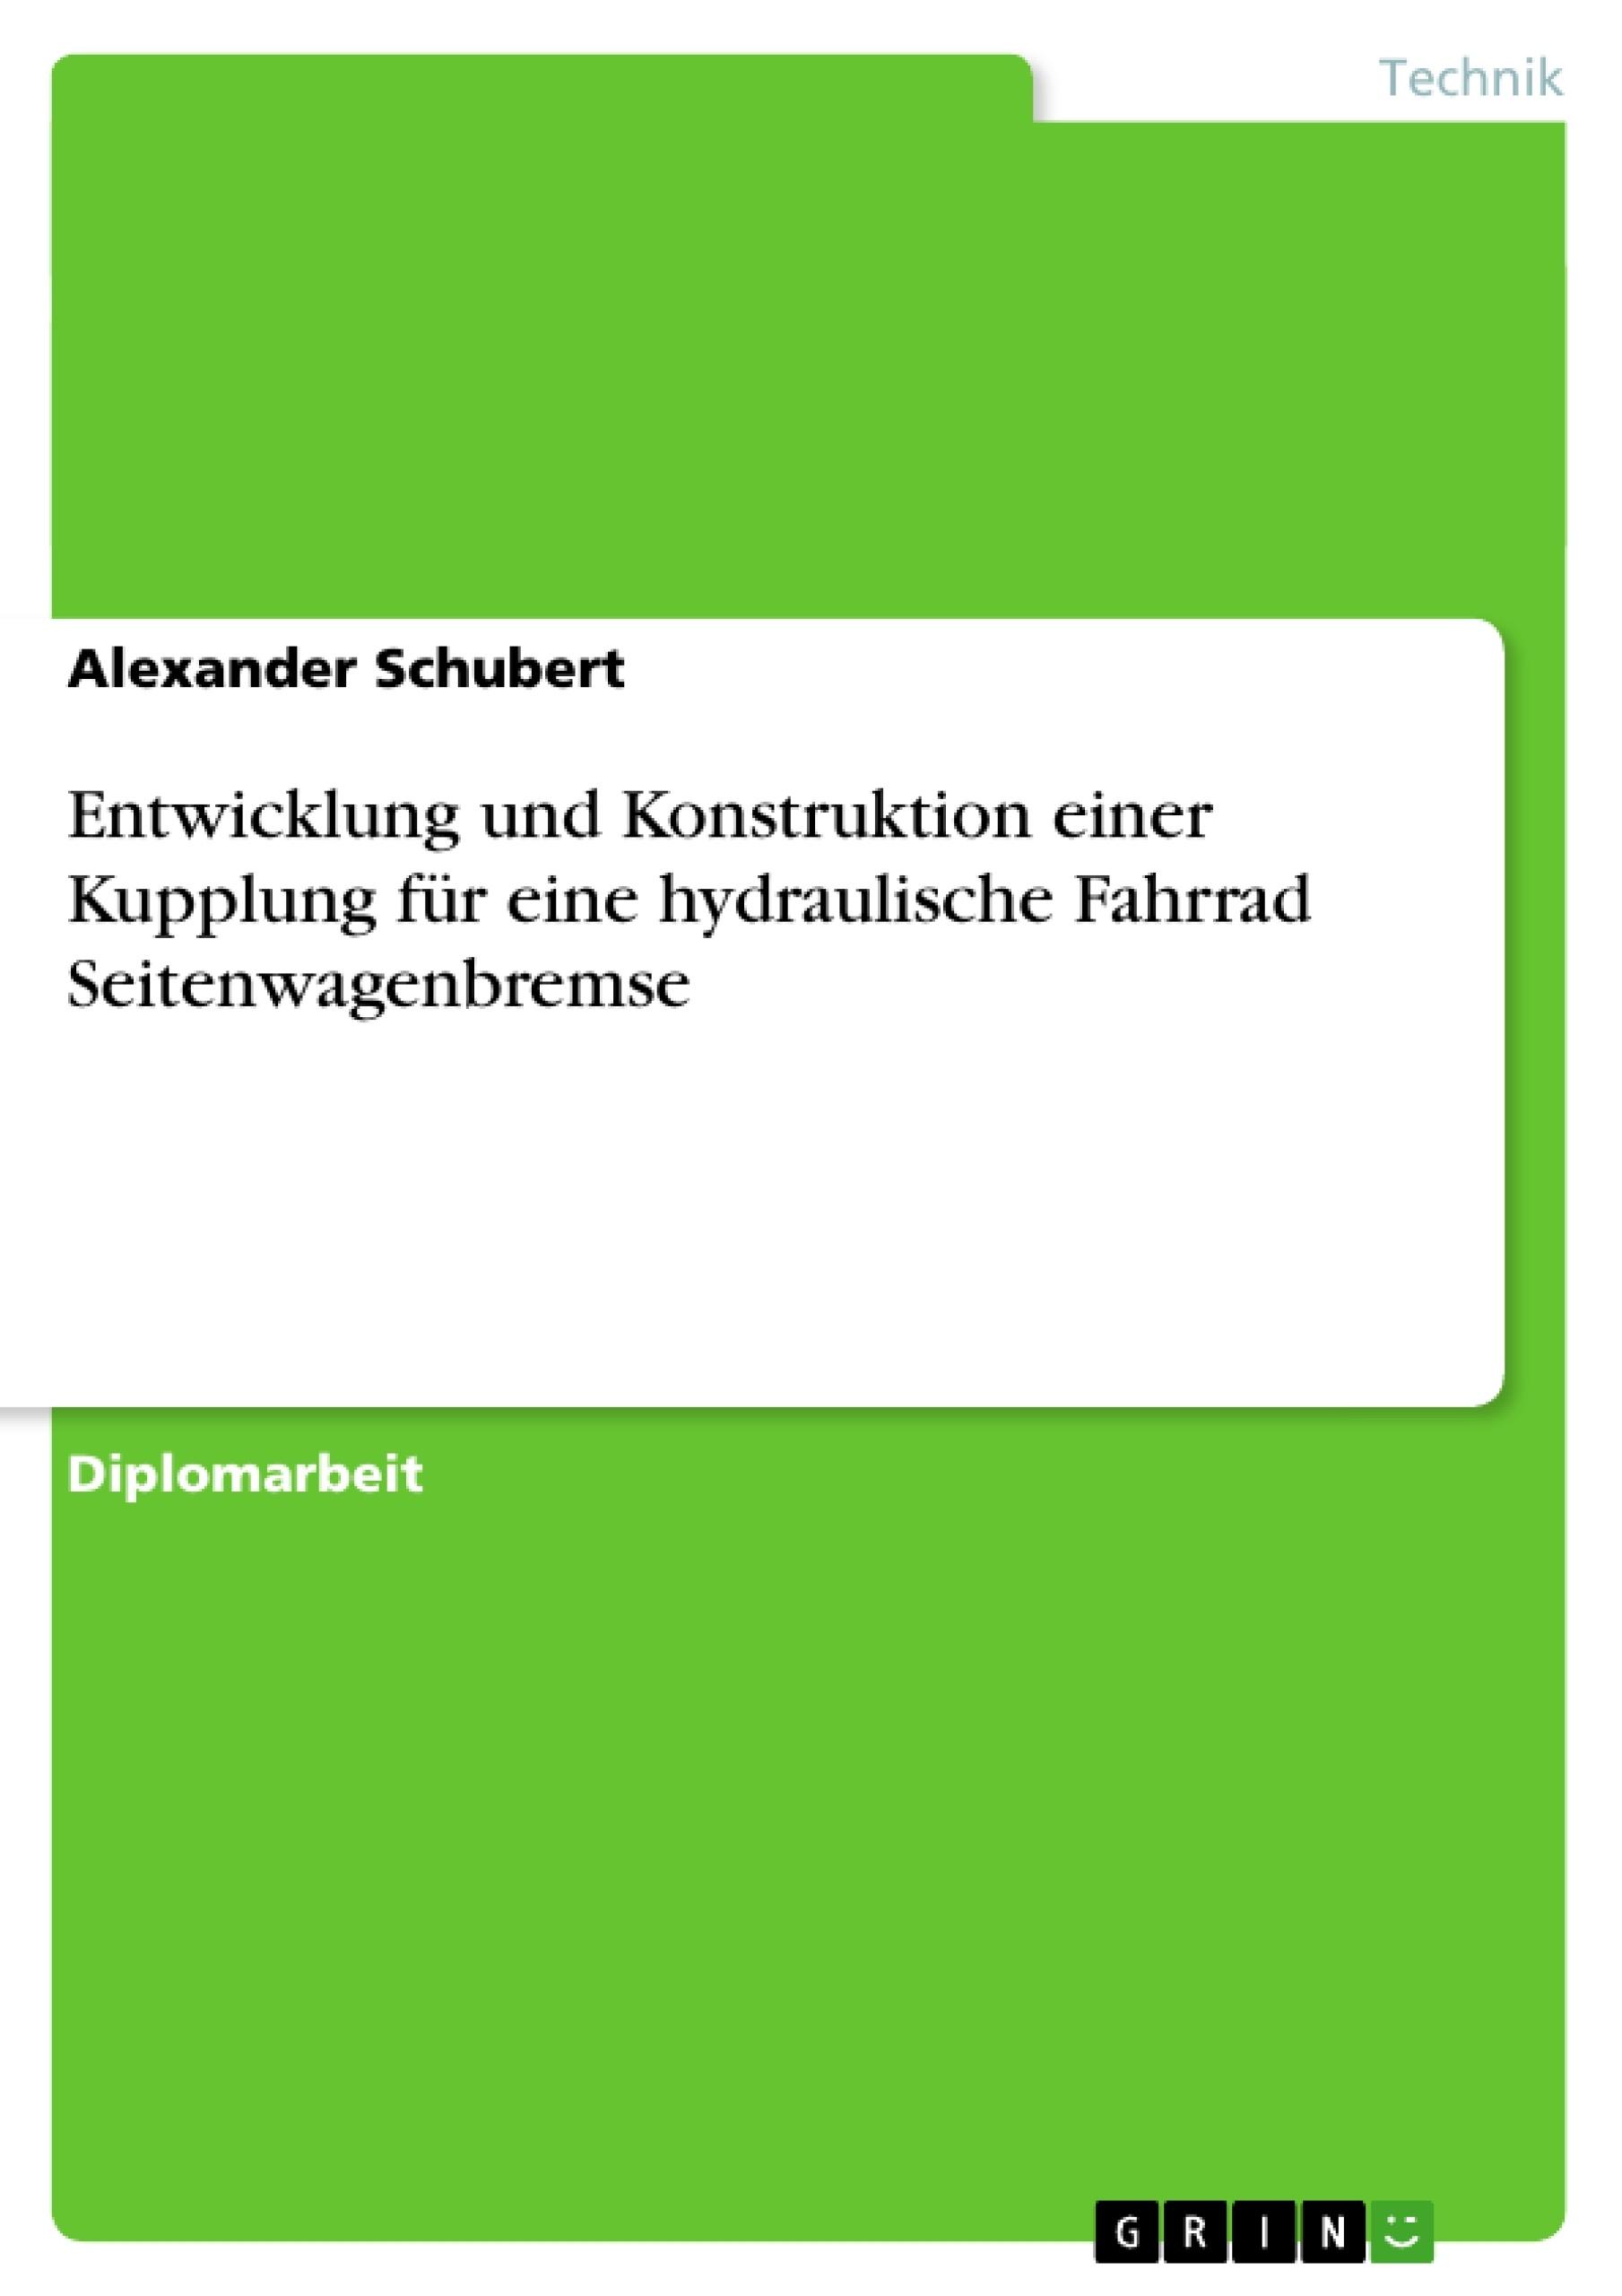 Titel: Entwicklung und Konstruktion einer Kupplung für eine hydraulische Fahrrad Seitenwagenbremse